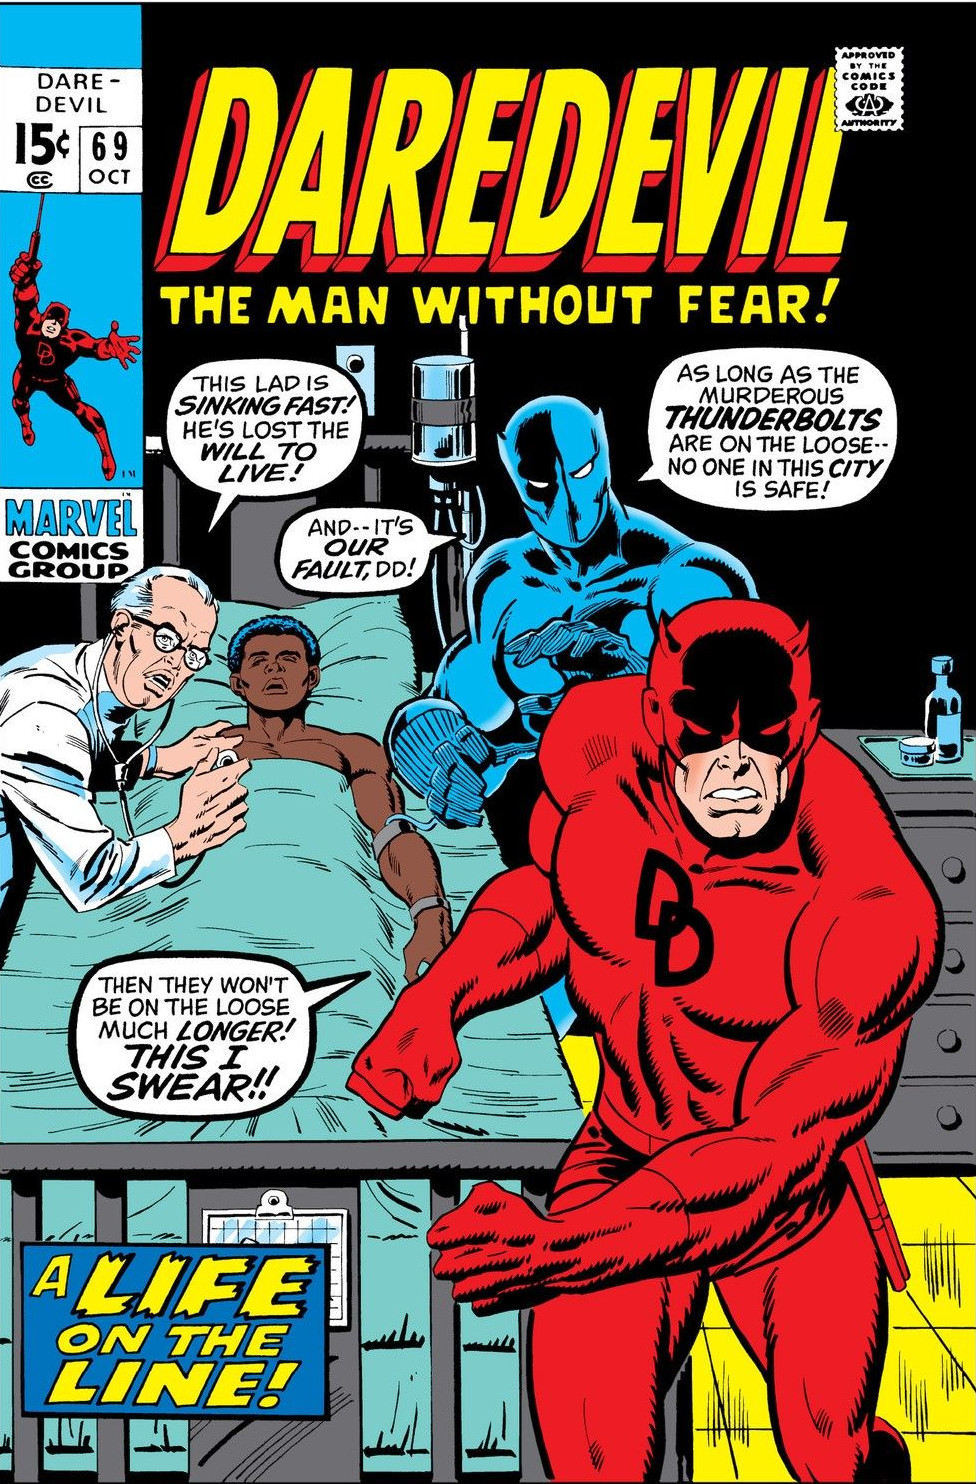 Daredevil Vol 1 69